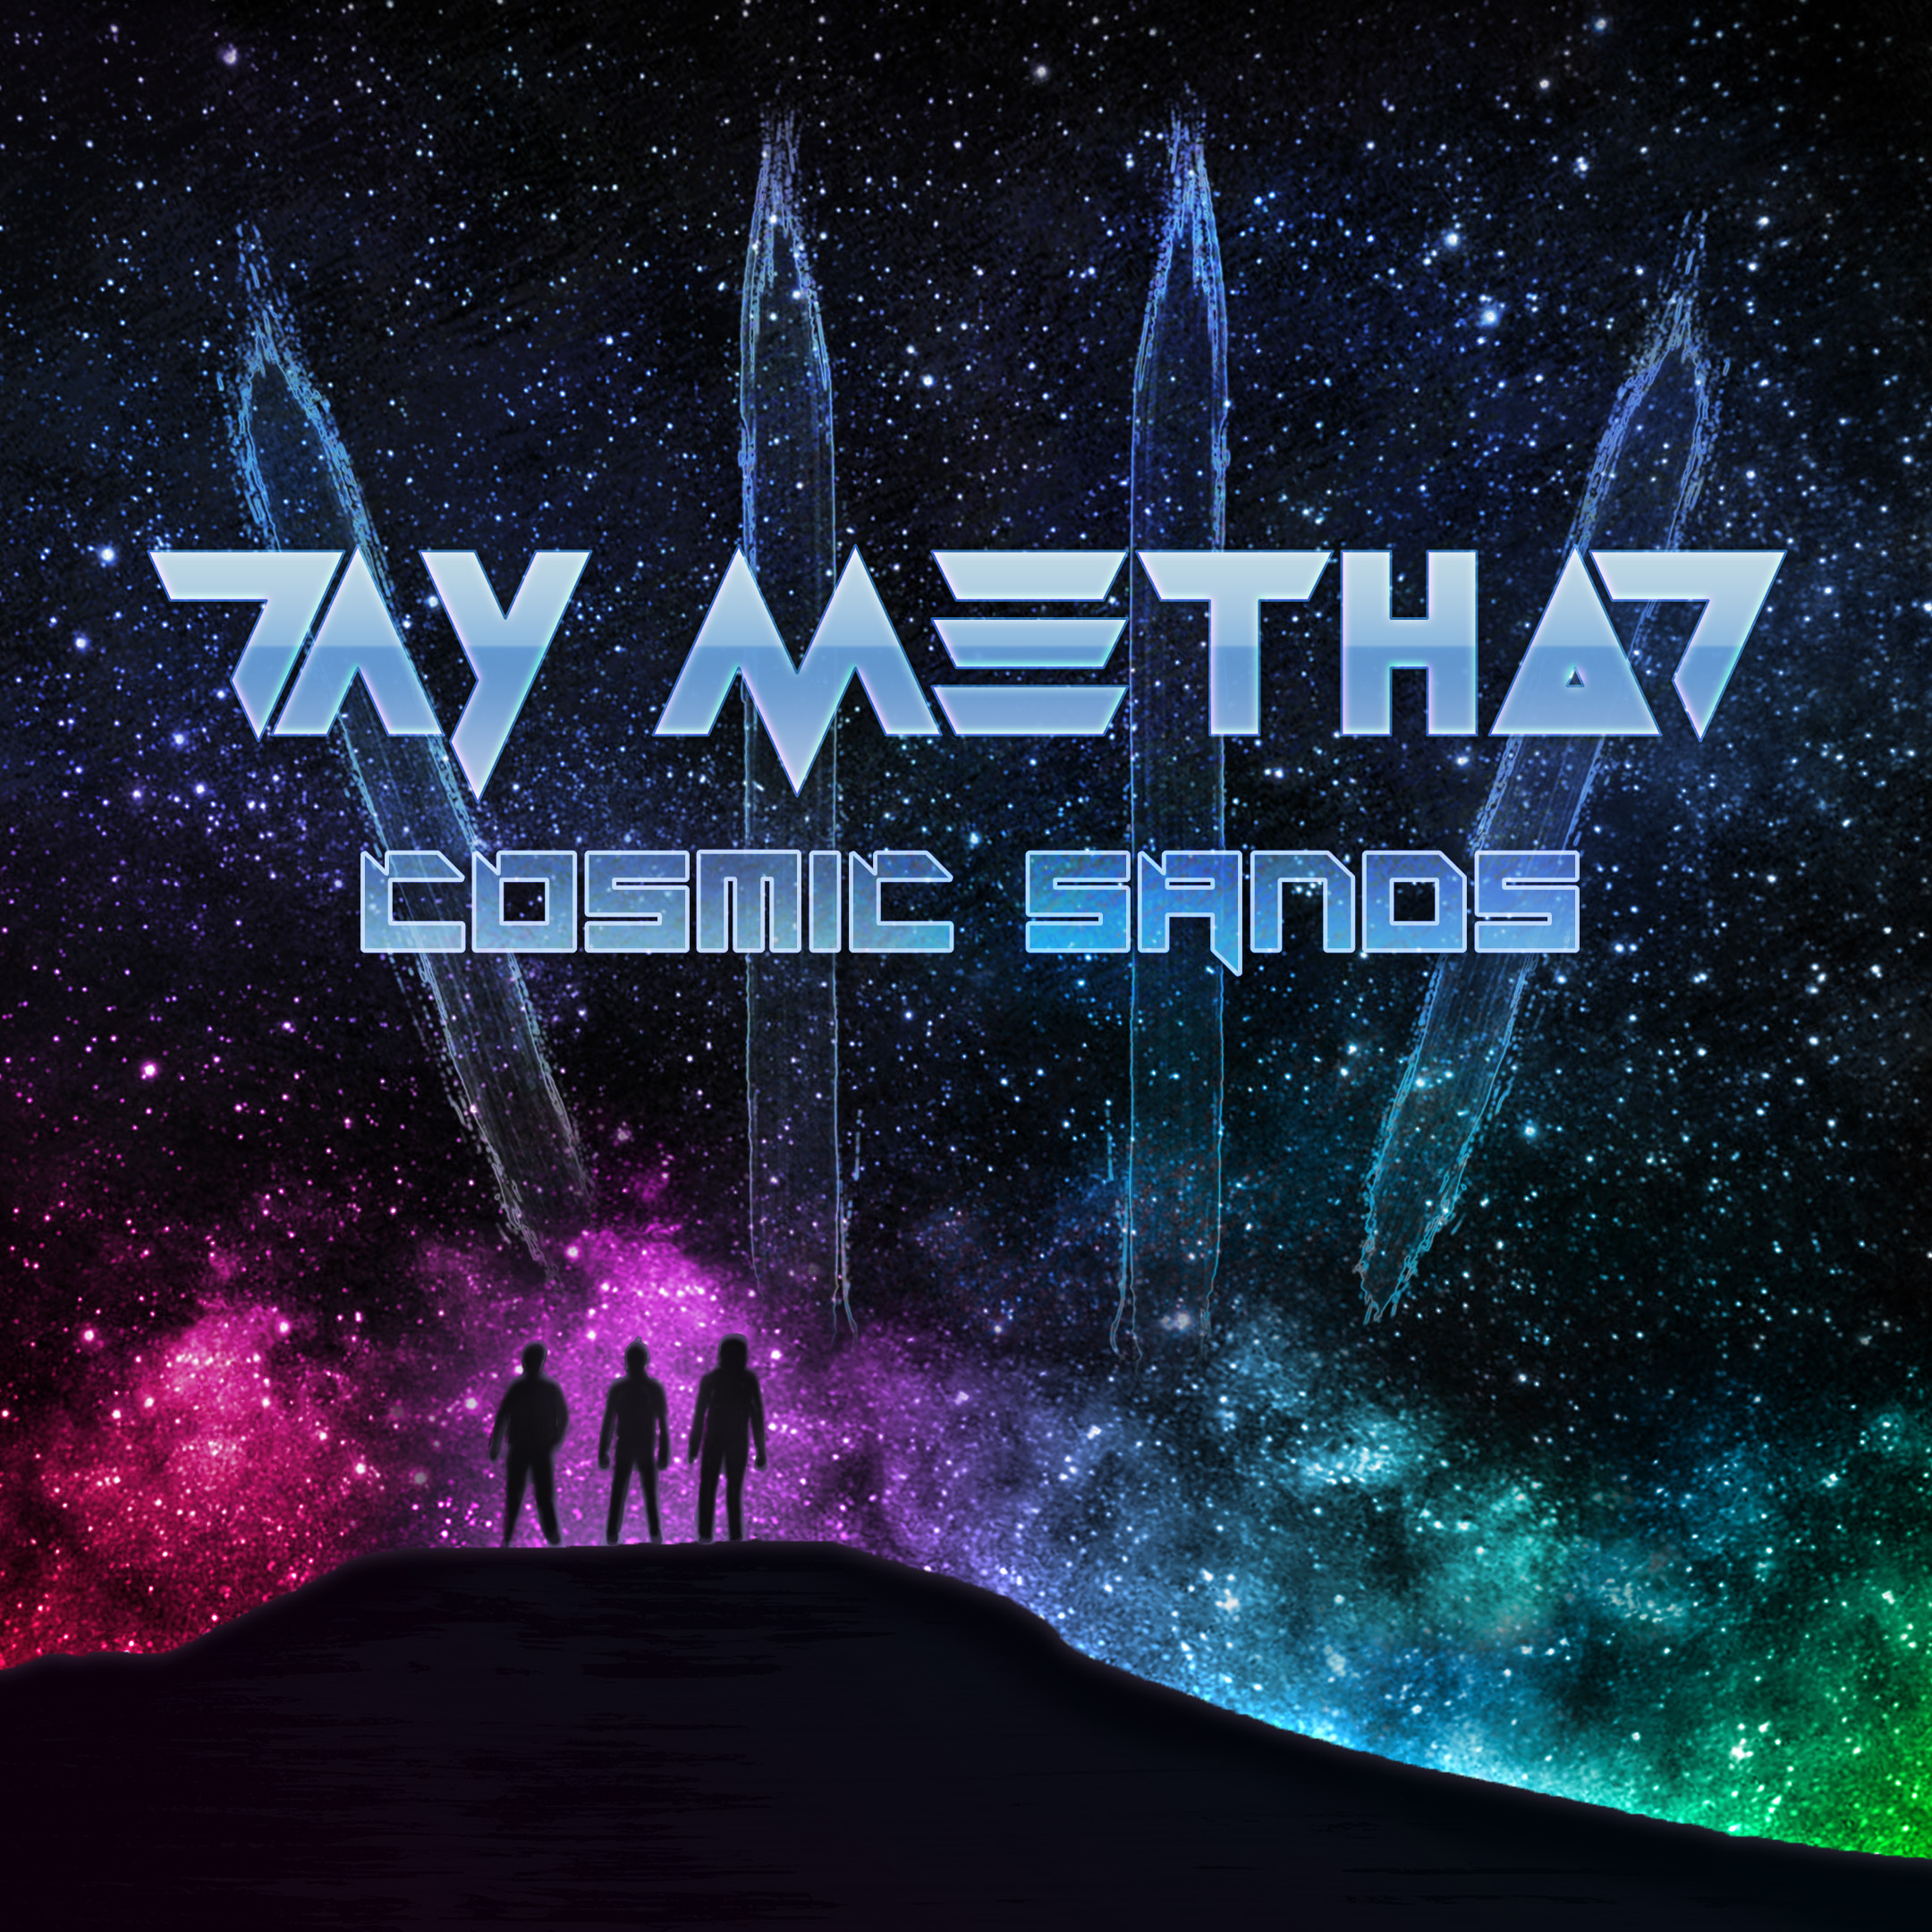 Cosmic Sands - Album v4